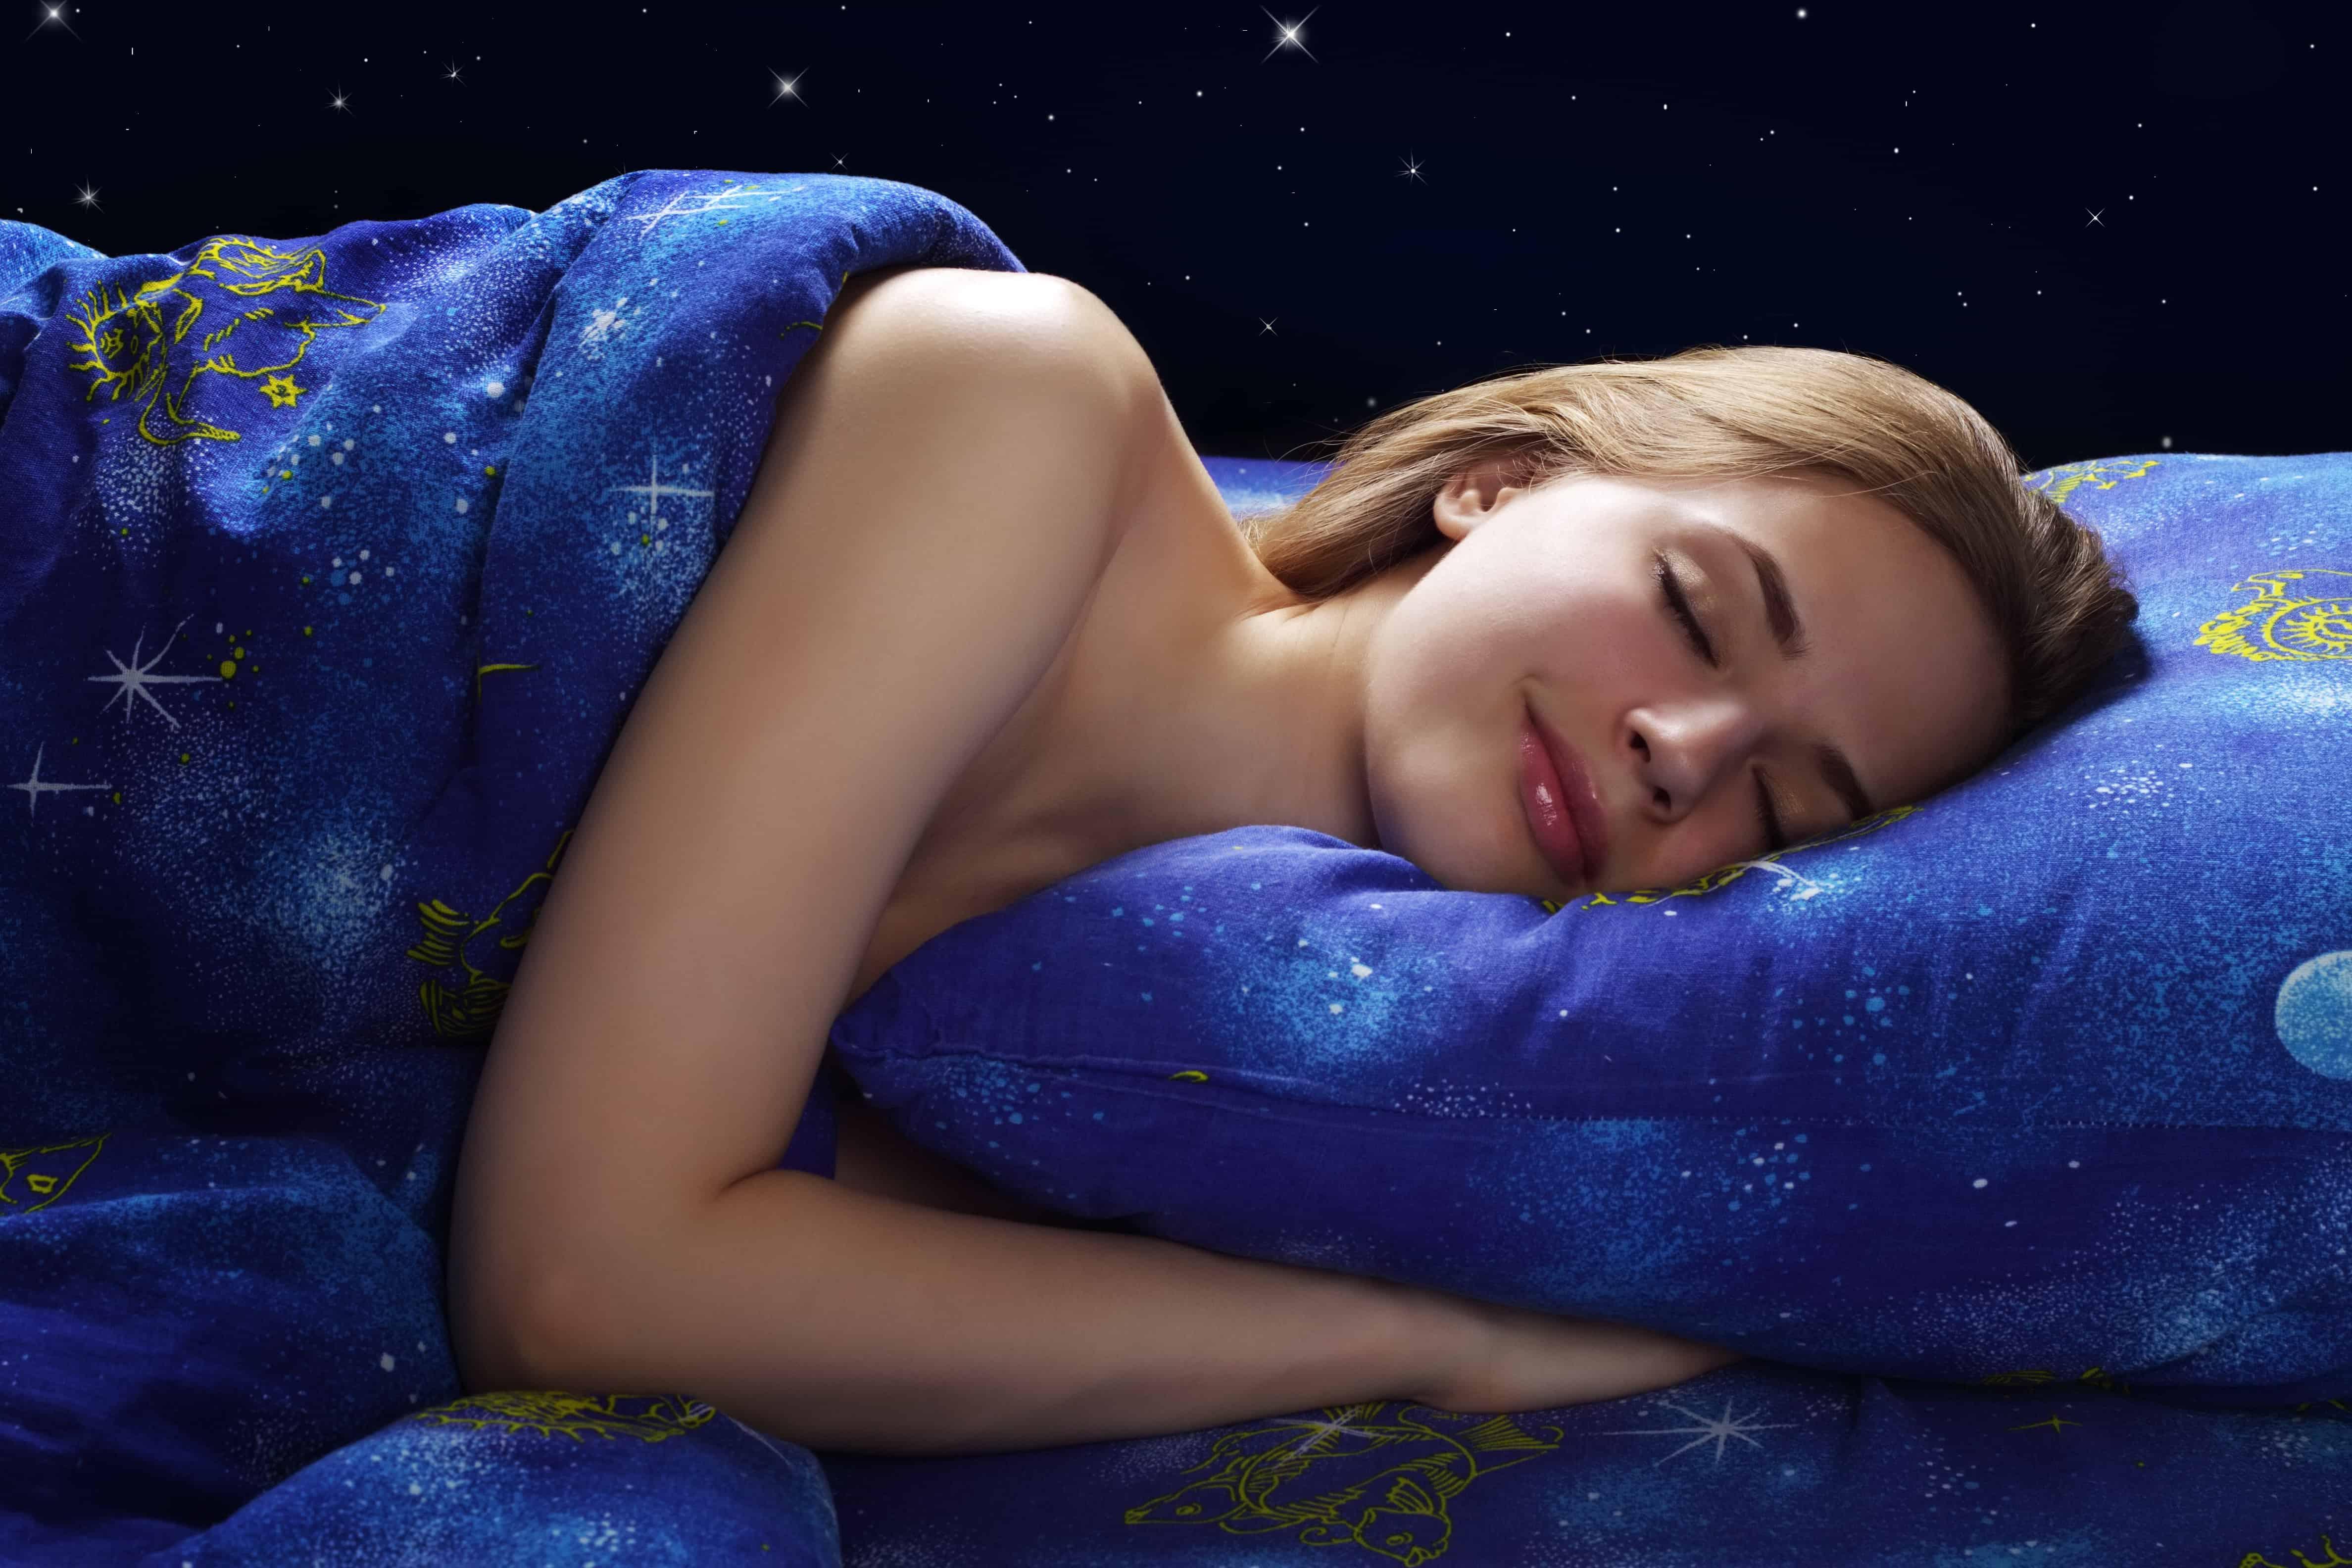 Schlaf erholsam Magnesium hilft schlafen Einschlafen Nachts